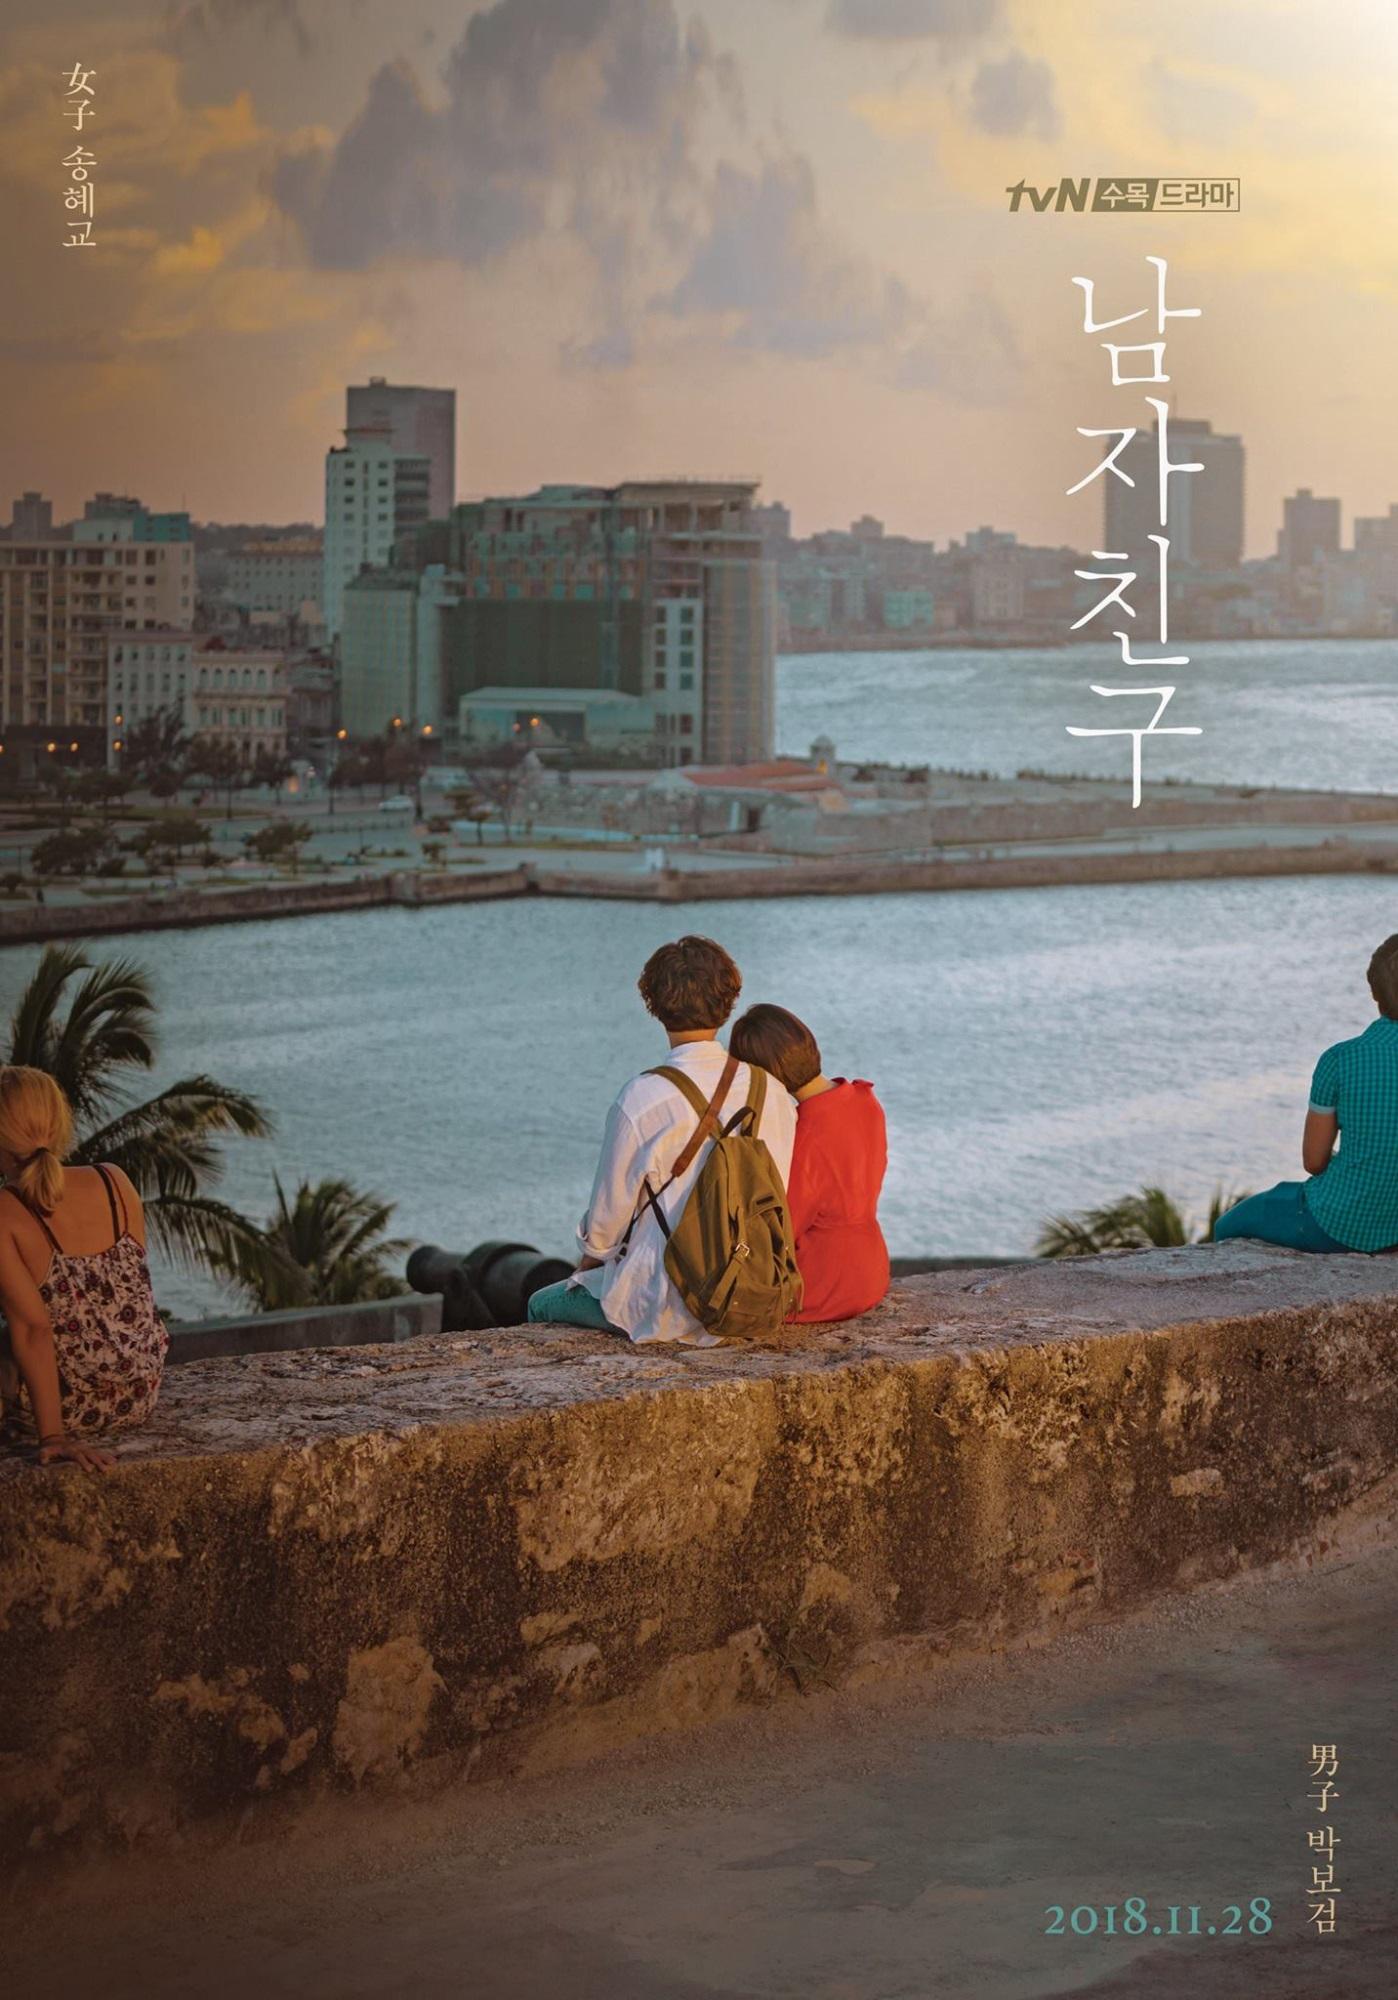 Nếu chưa xem Encounter của Song Hye Kyo, bạn sẽ 'tiếc hùi hụi' vì bỏ lỡ 3 điều cực thú vị này đấy! - Ảnh 2